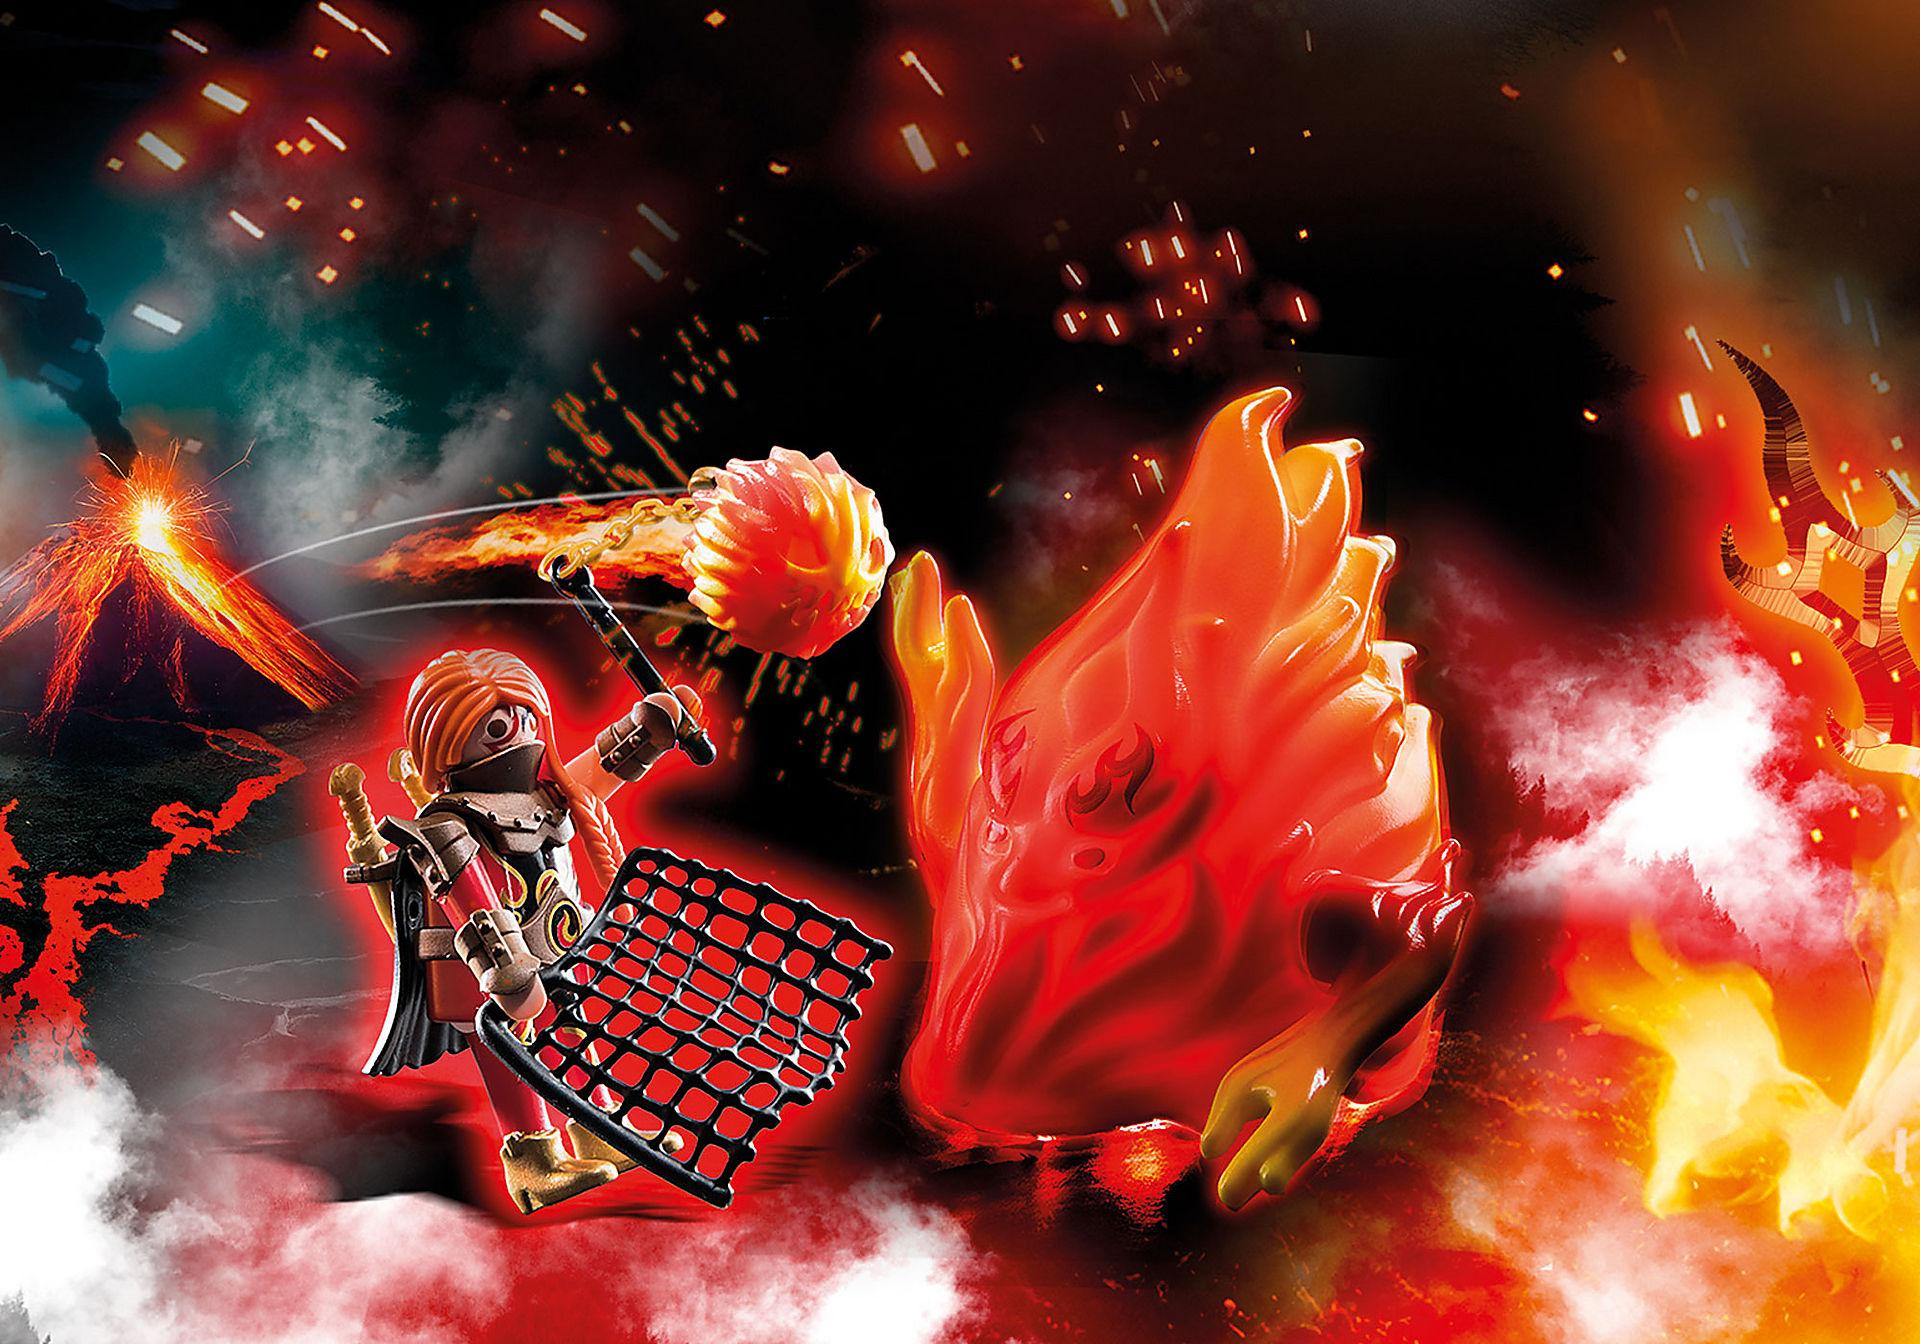 70227 Burnham Raiders Spirit of Fire zoom image1